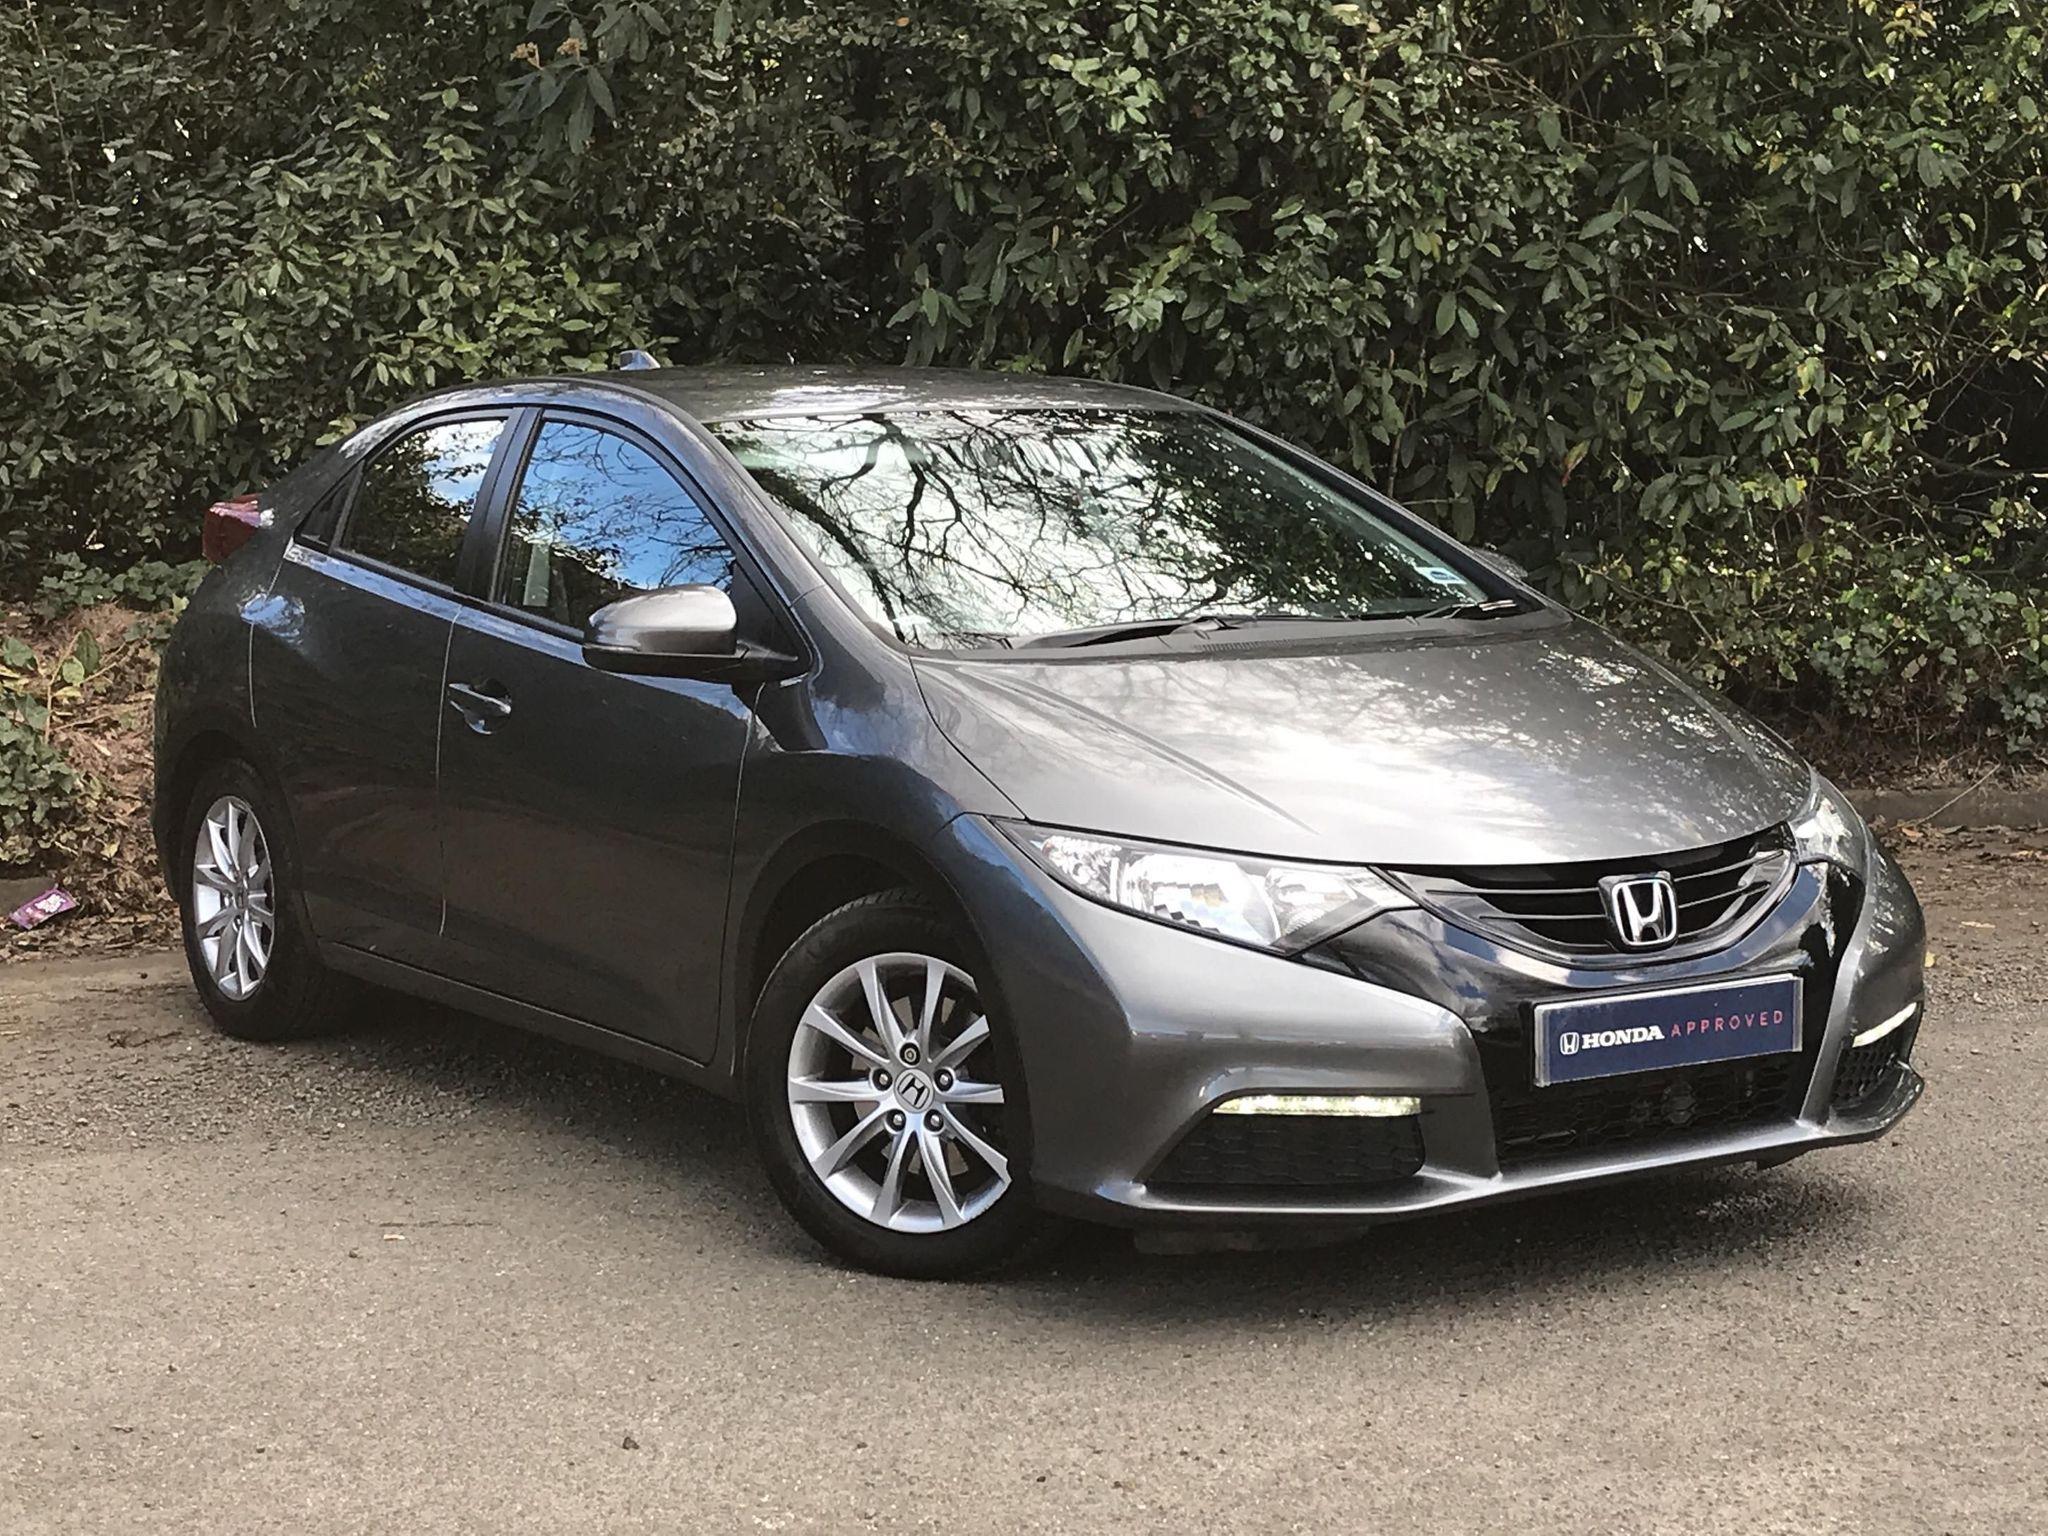 Honda Civic 1.8 i-VTEC S 5dr (DAB/Premium Audio/Bluetooth)